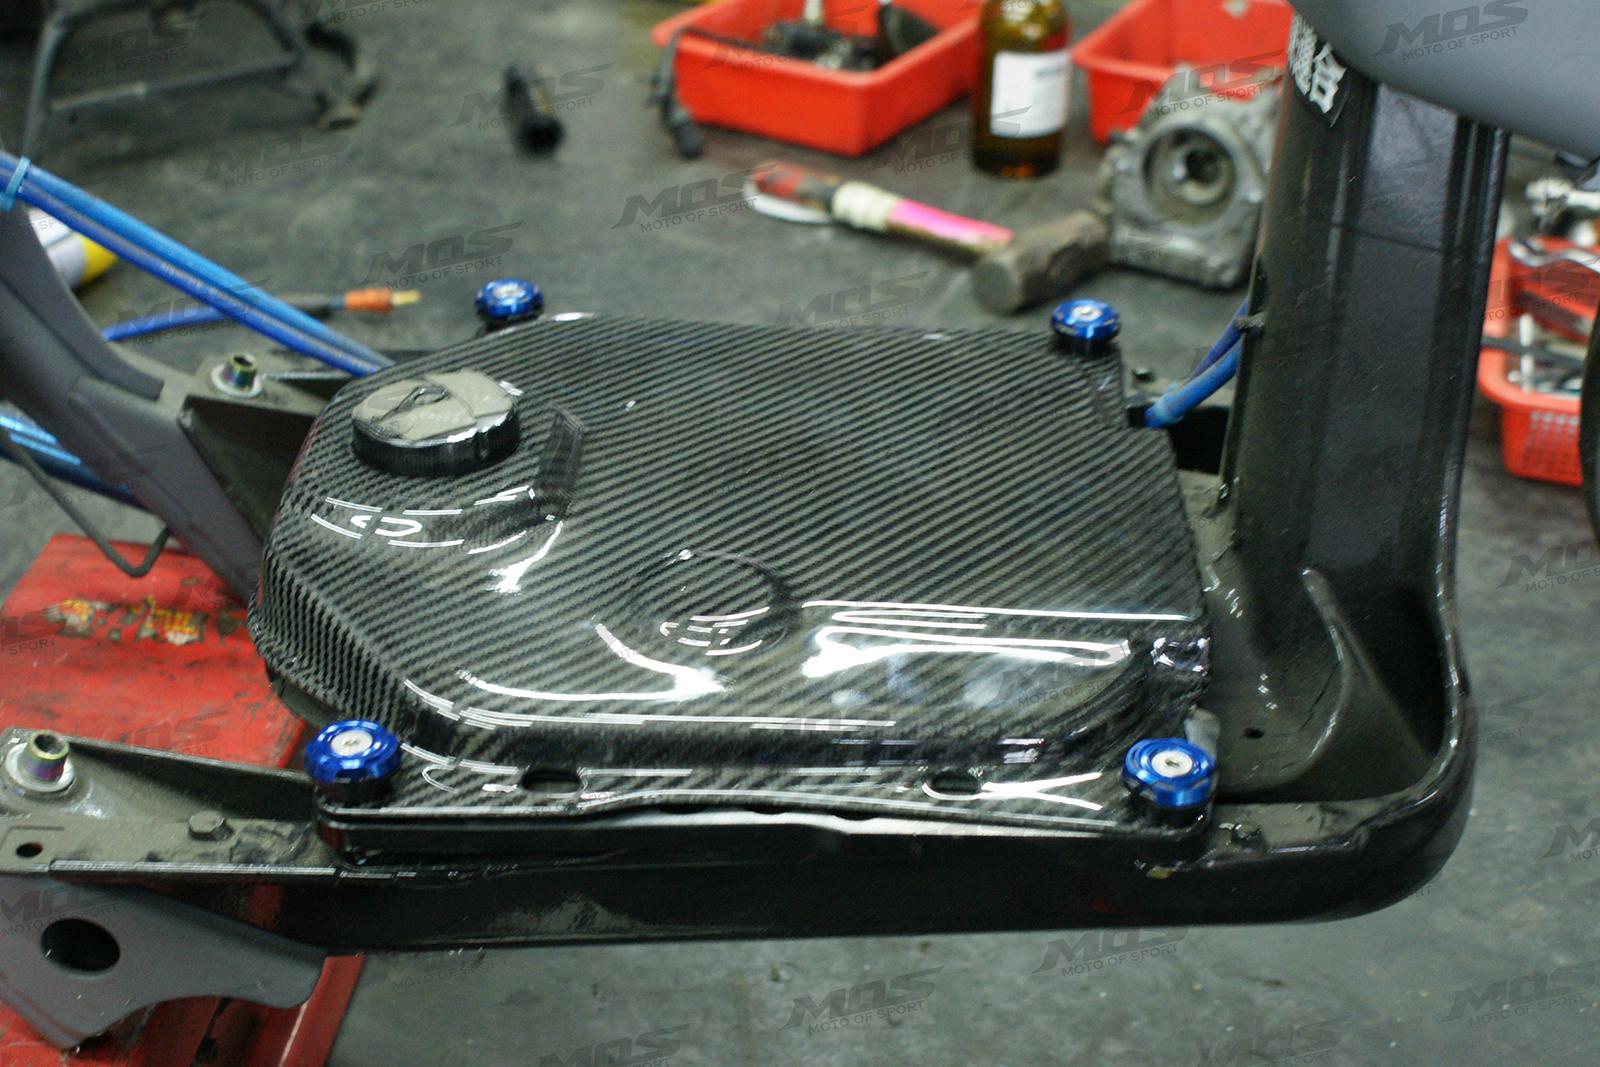 Honda Ruckus Zoomer 50cc Carbon Fiber Fuel Tank Cover Mos